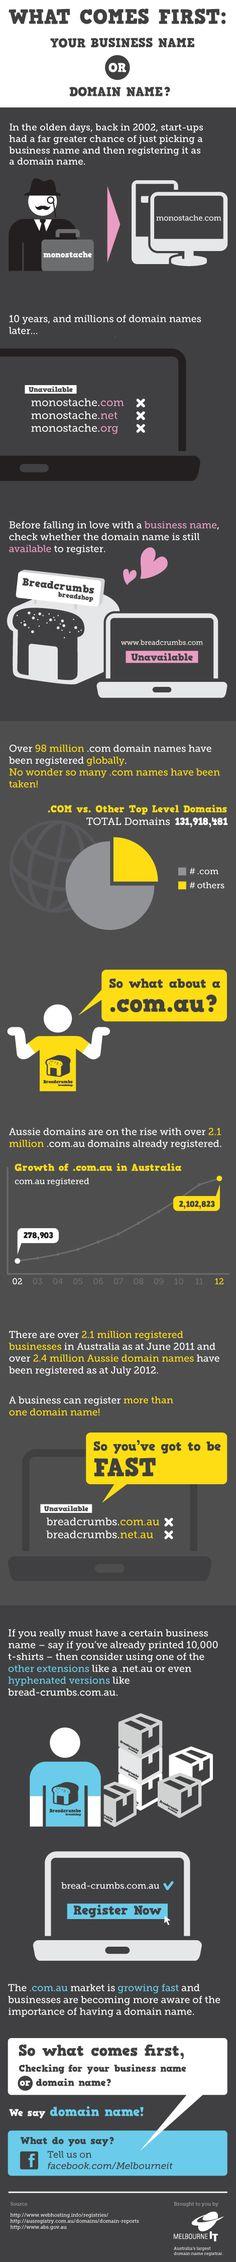 ¿Qué es primero el nombre de la empresa o el dominio? #infografia #infographic #internet by @alfredovela